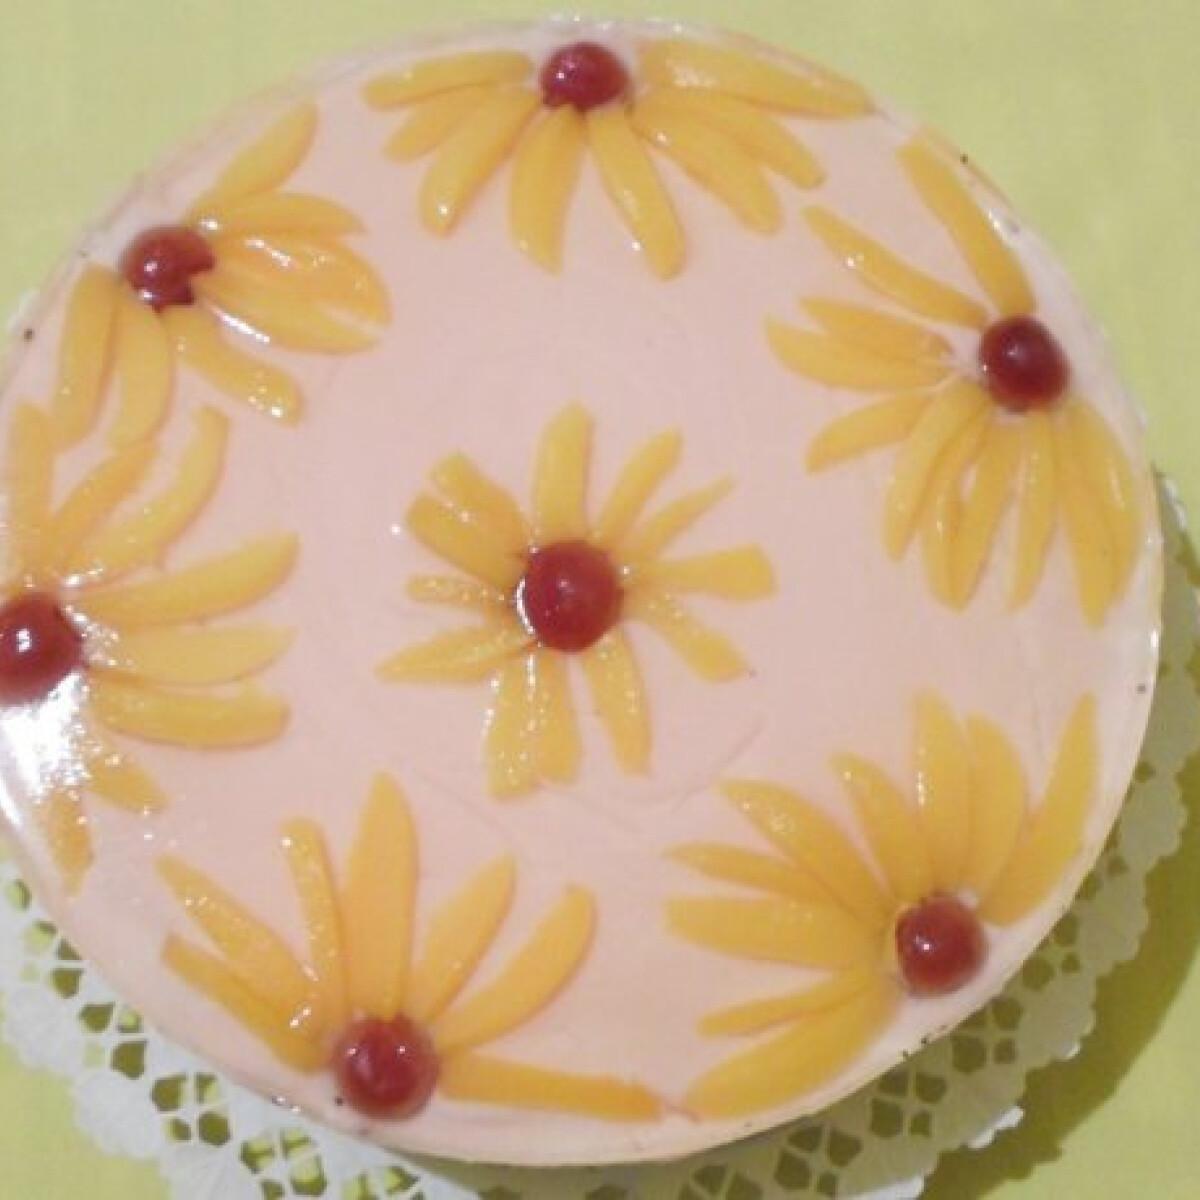 Mákos guba torta Csilla konyhájából